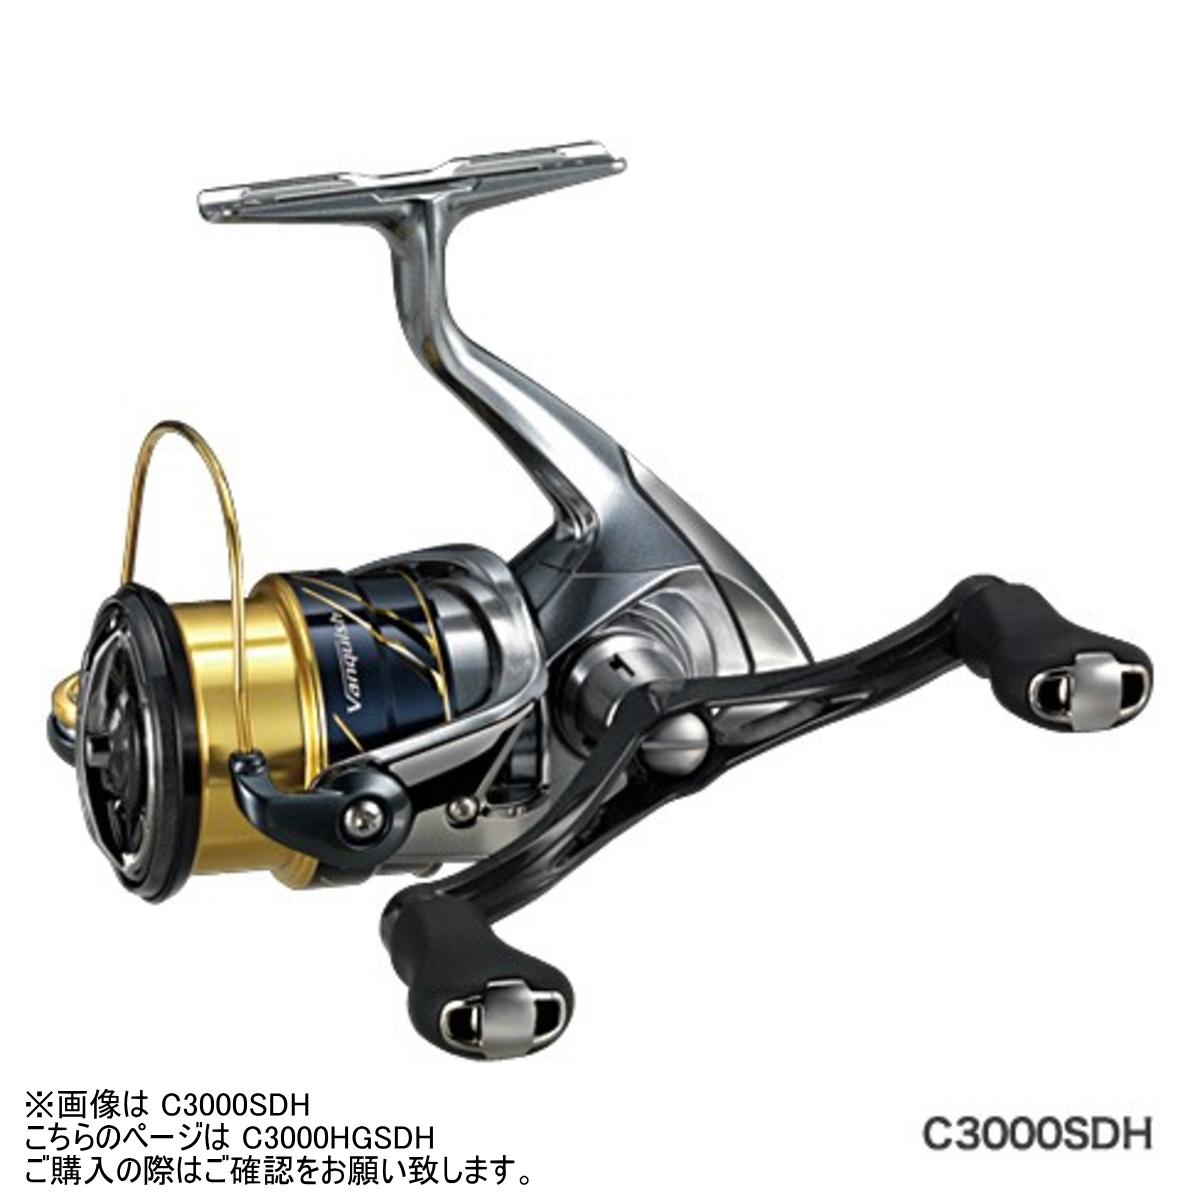 【送料無料4】シマノ リール '16 ヴァンキッシュ C3000HGSDH